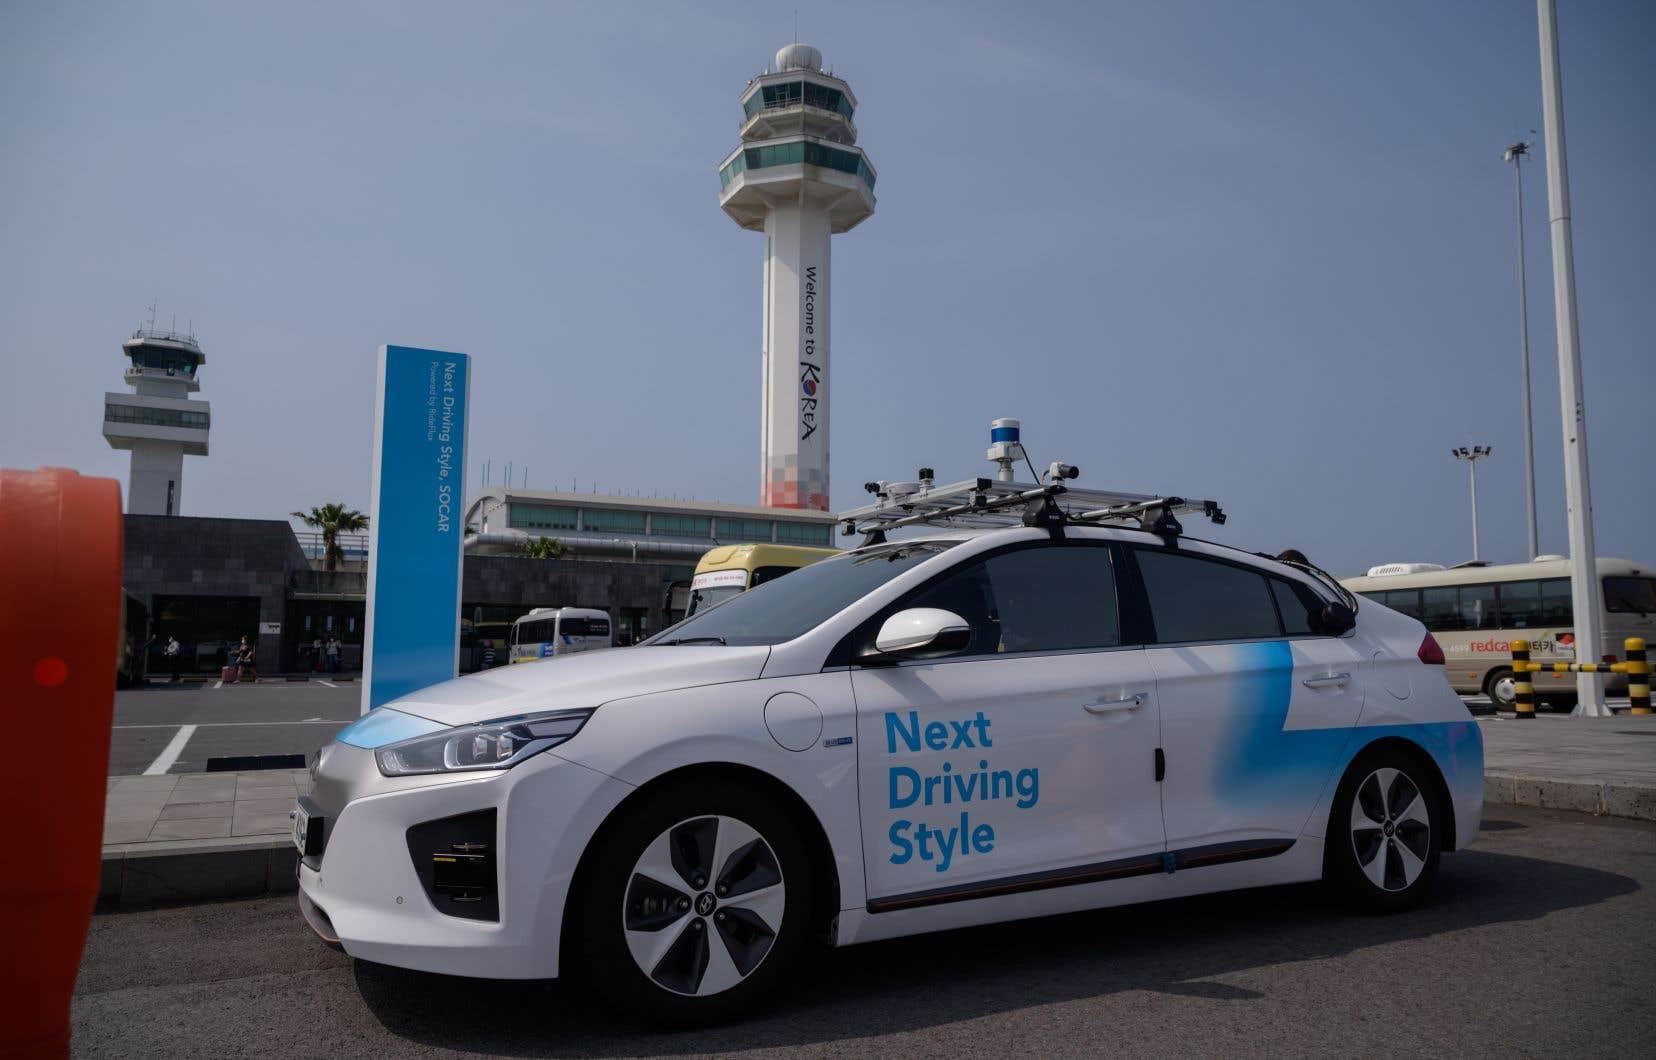 L'adoption d'une norme internationale contraignante marque une étape importante vers un déploiement plus large des véhicules autonomes, croit la Commission économique pour l'Europe des Nations unies.